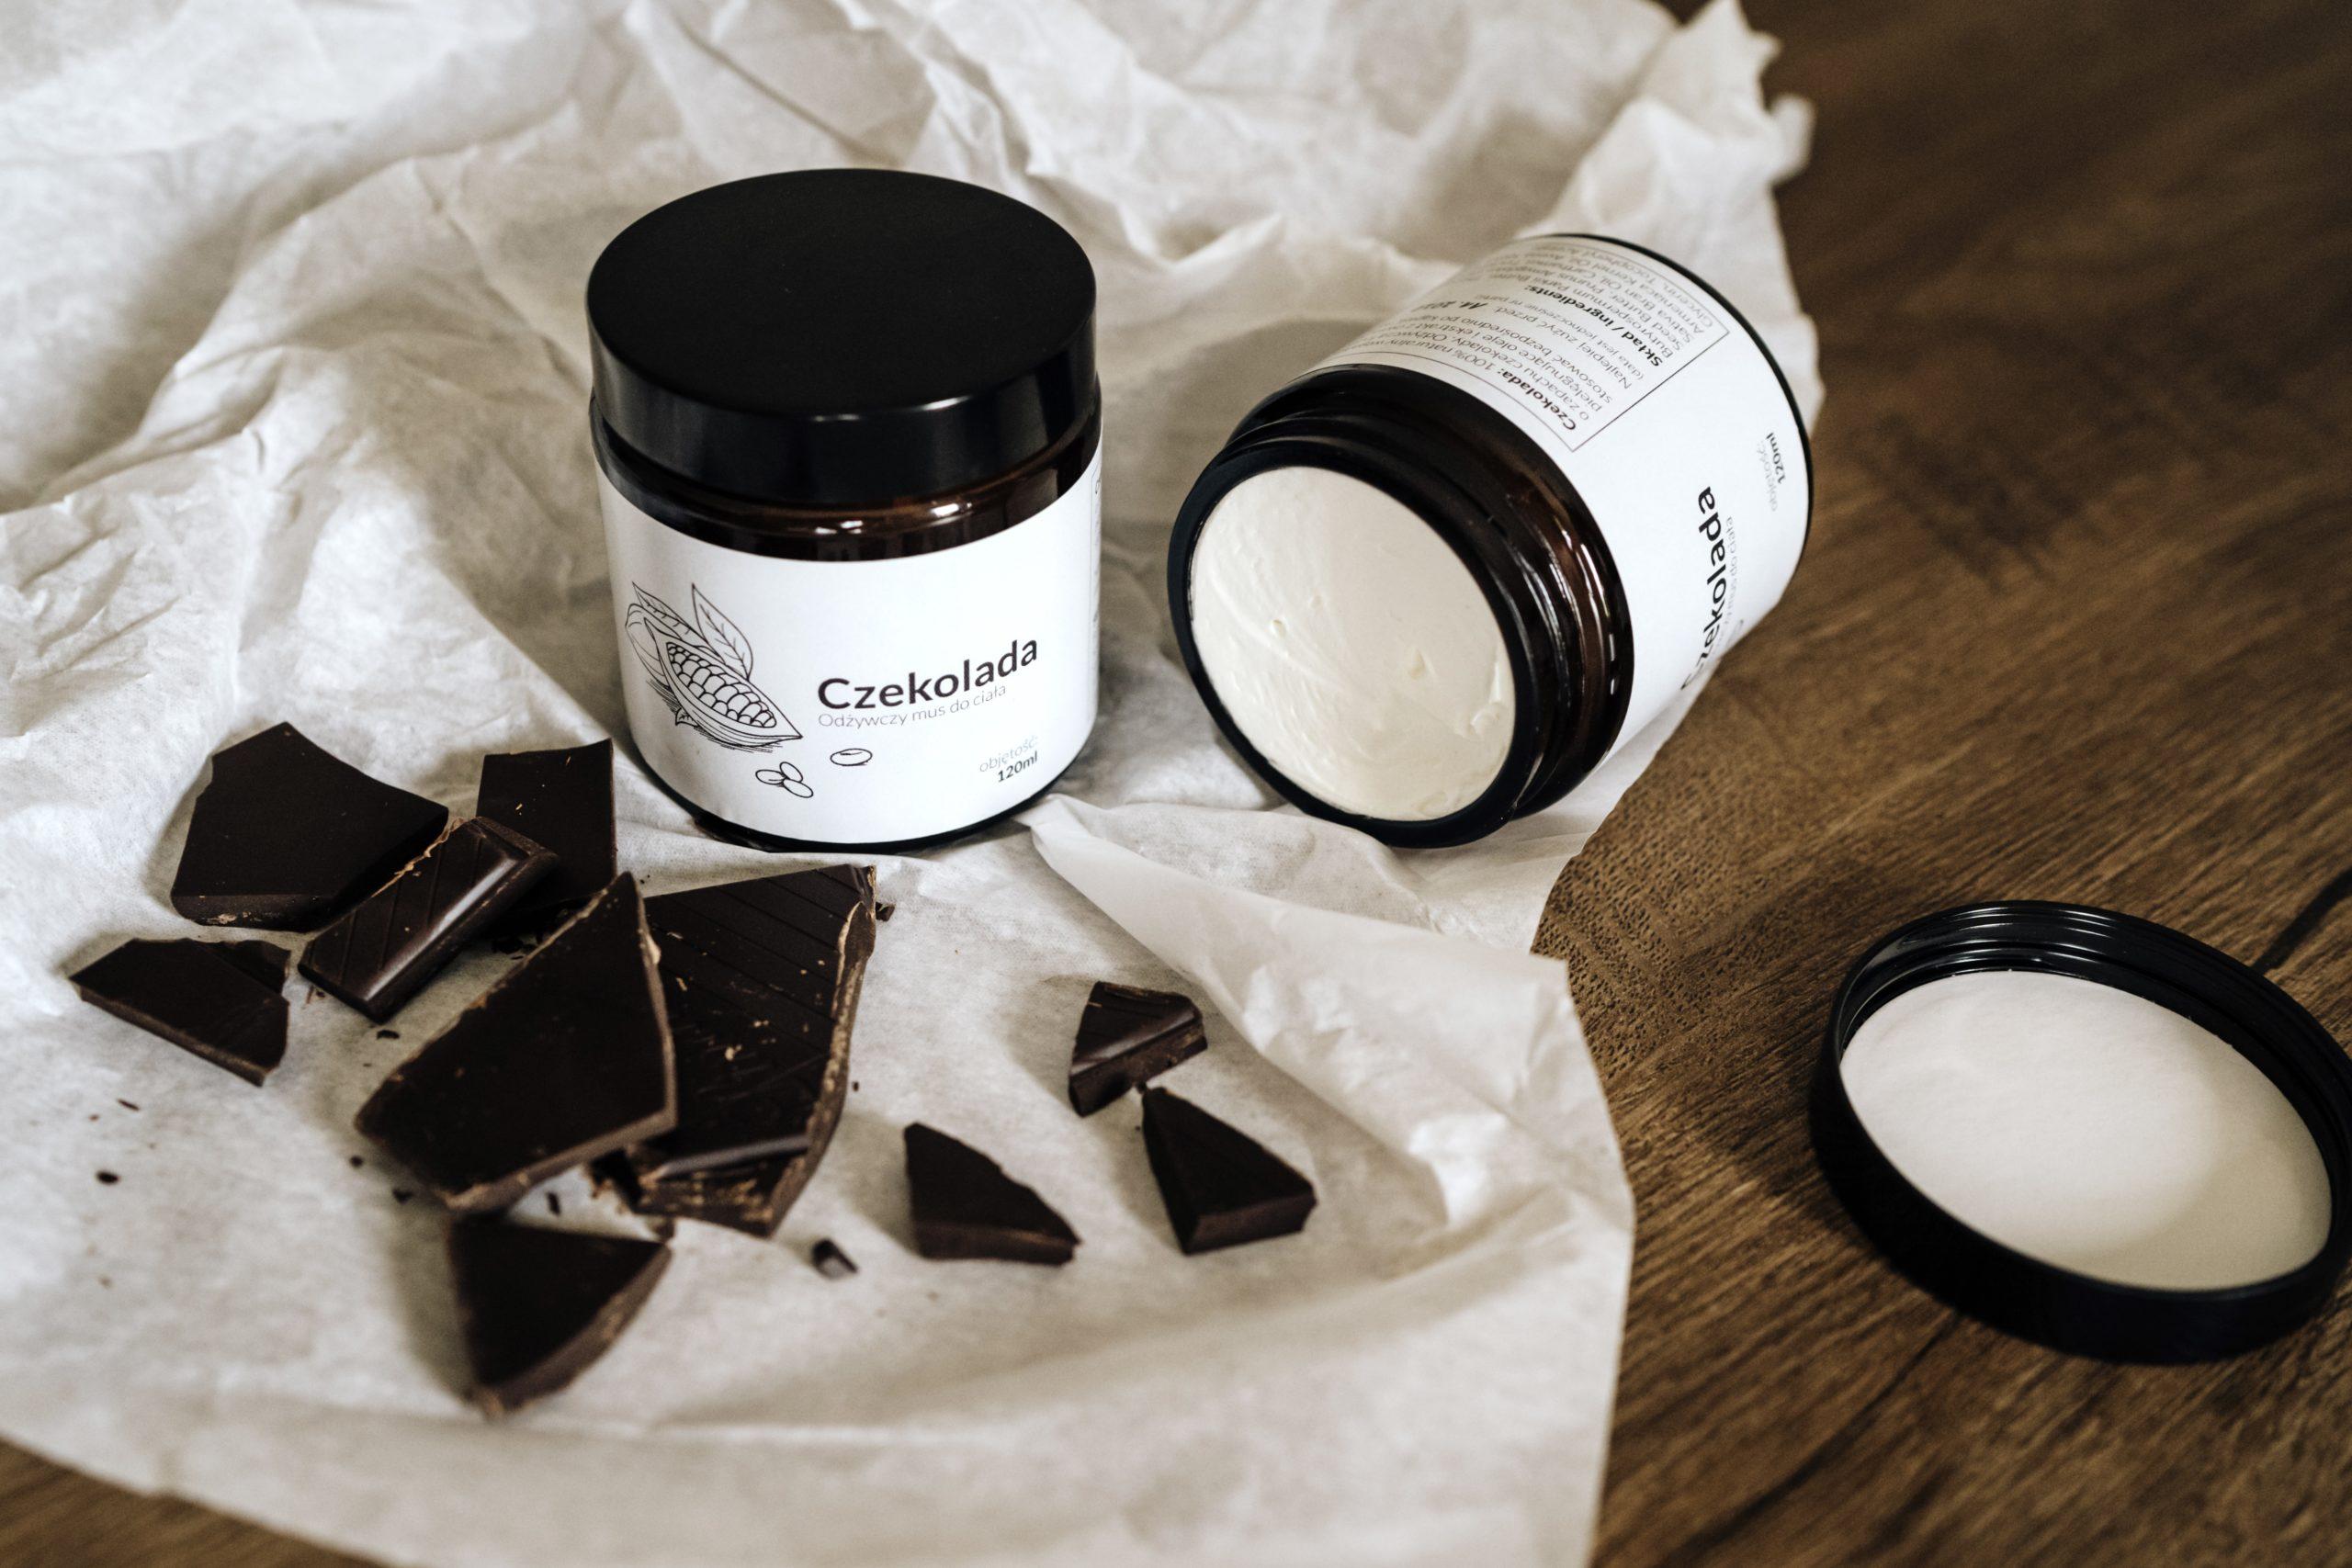 czekolada masło naturalne